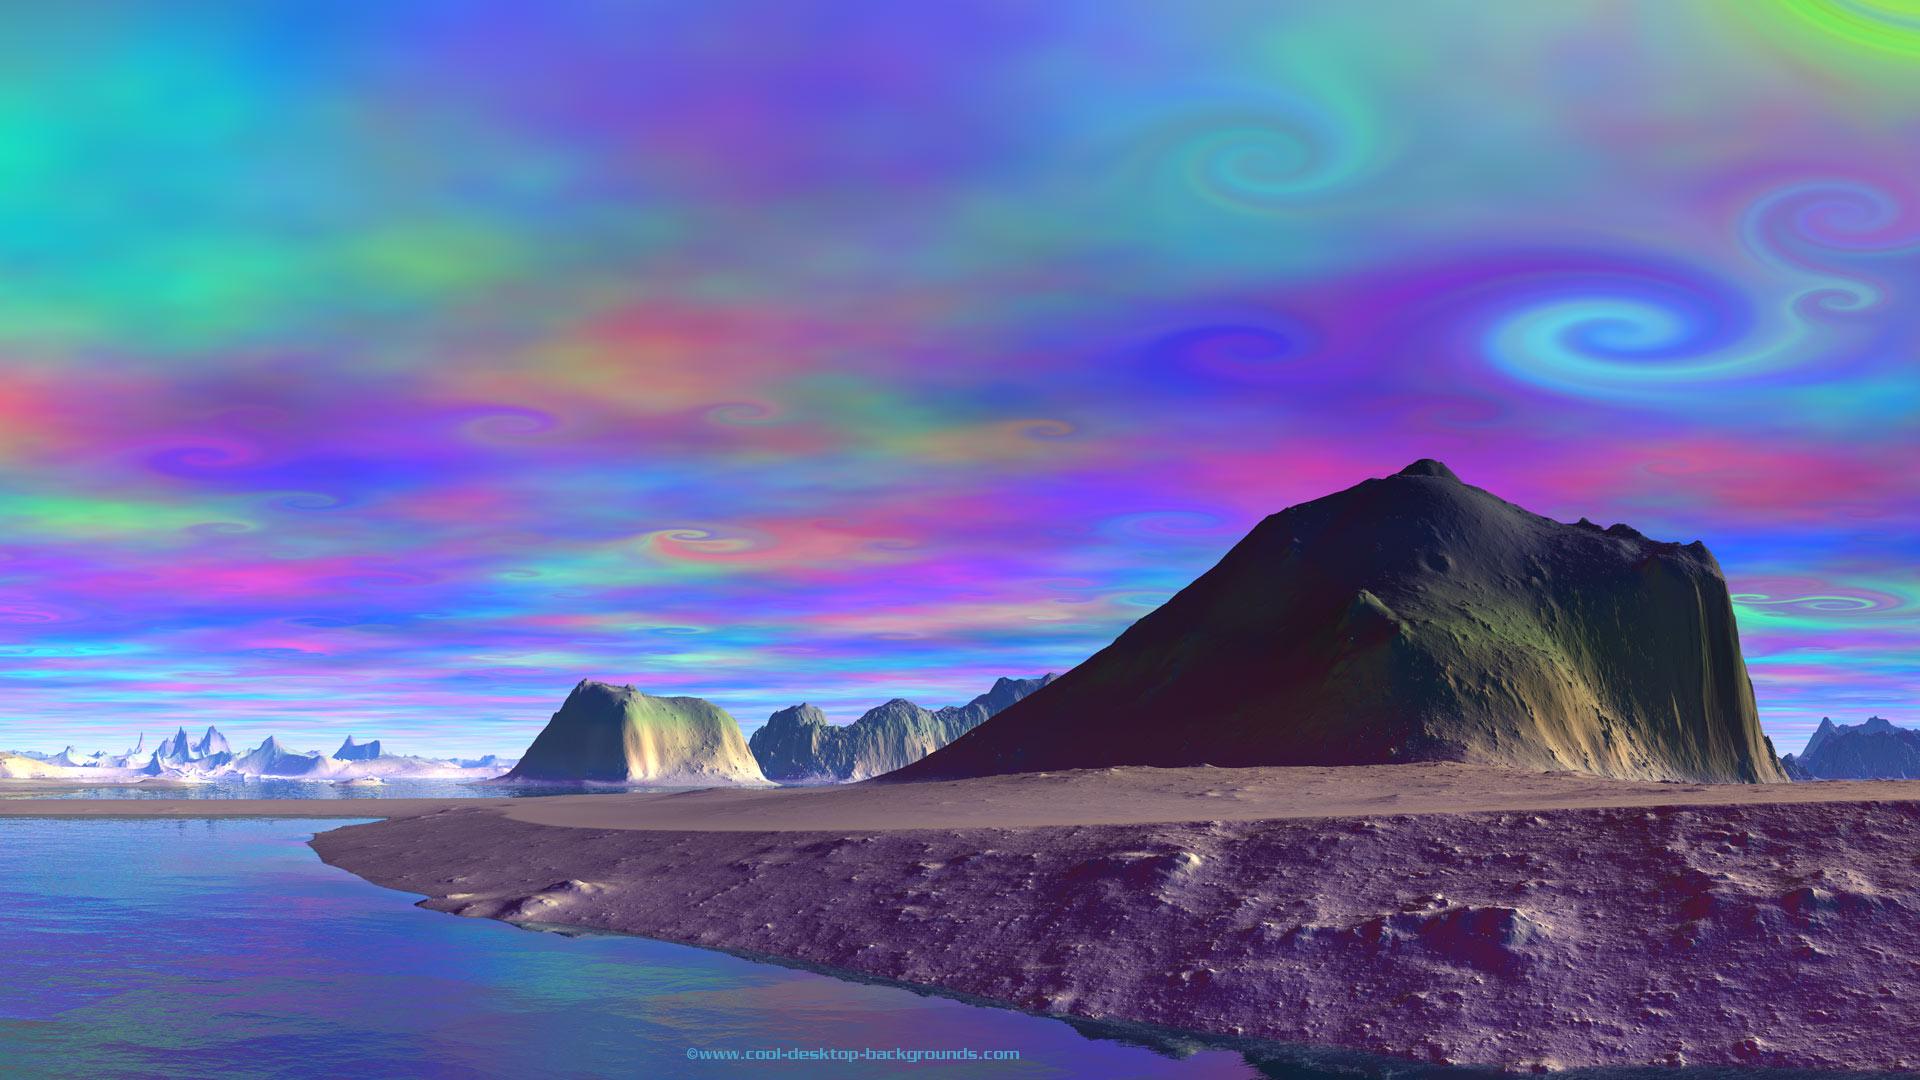 desert psychedelic sky